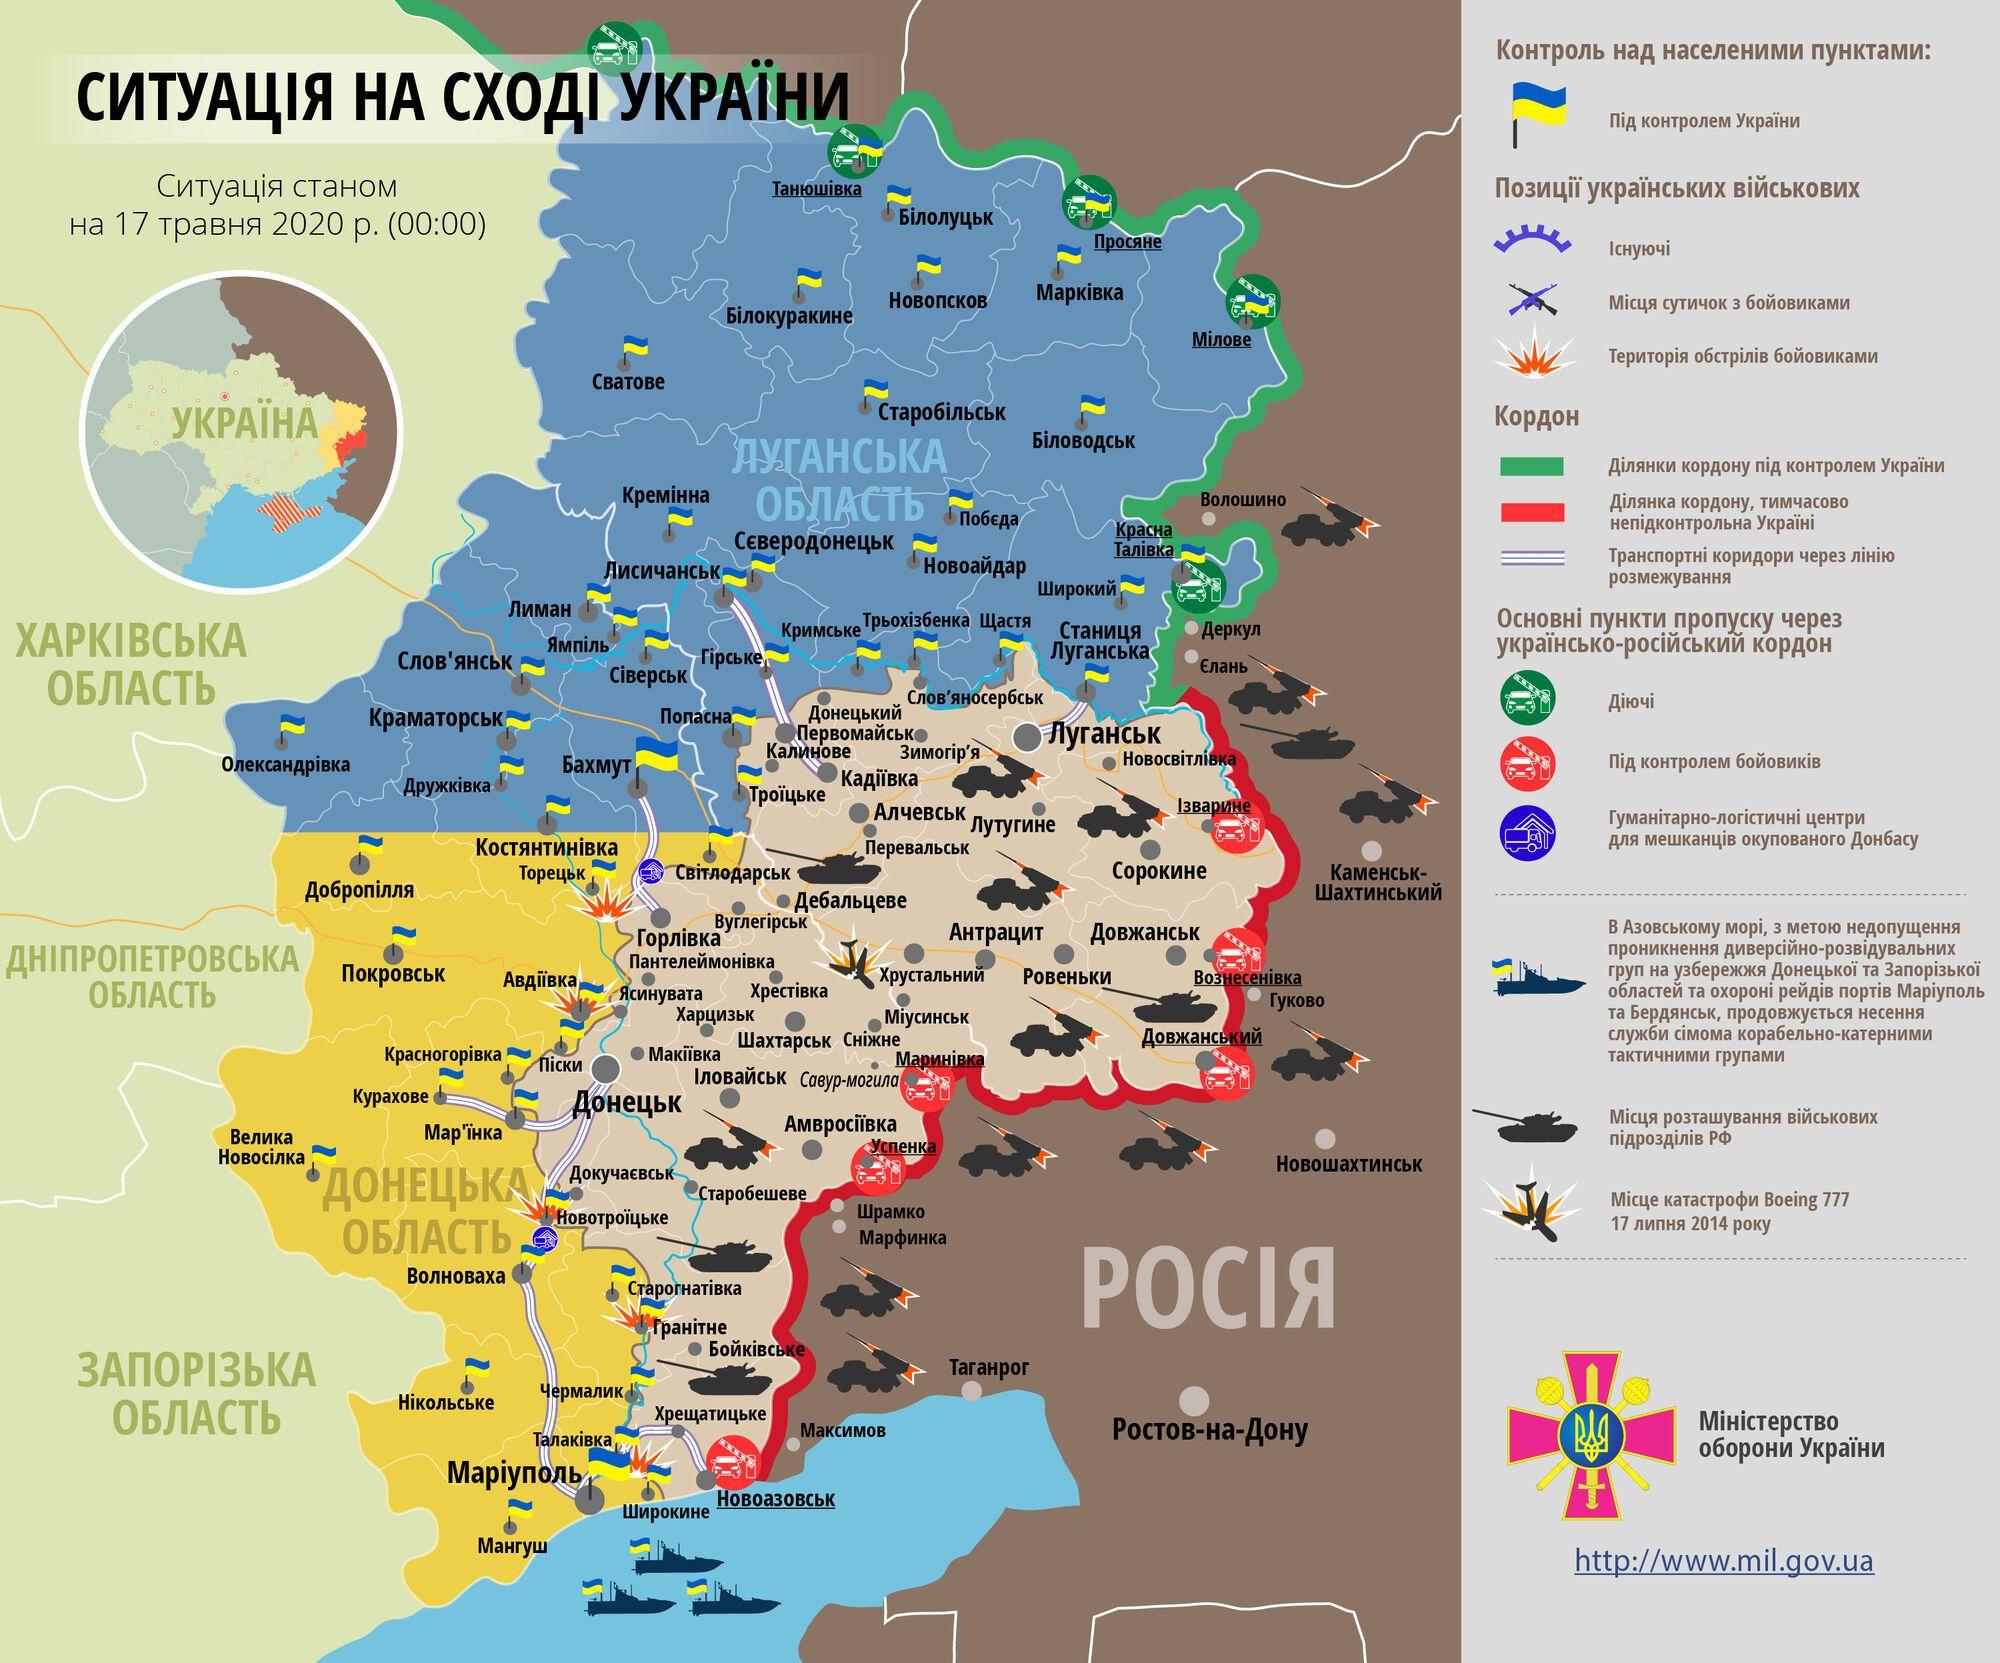 Ситуация в зоне проведения ООС на Донбассе 17 мая